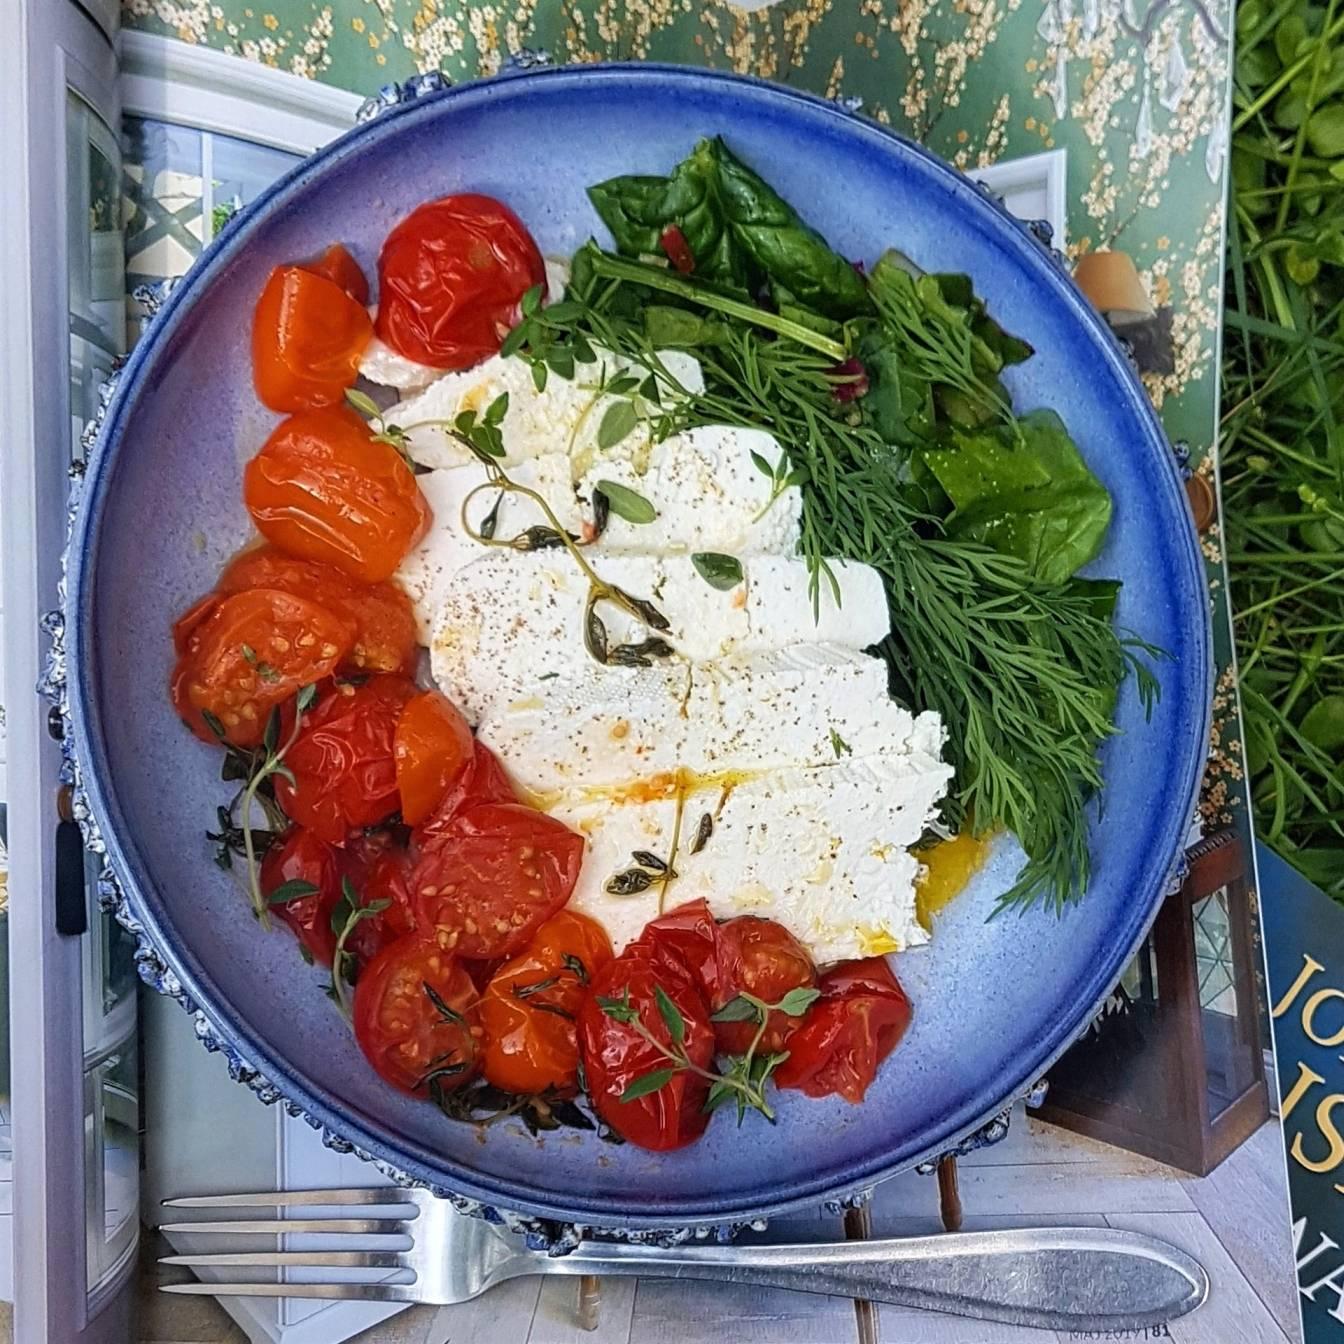 Pomidory zapiekane z cukrem w towarzystwie twarogu, fety, świeżych ziół i oliwy - przepisy Agnieszki Żelazko.